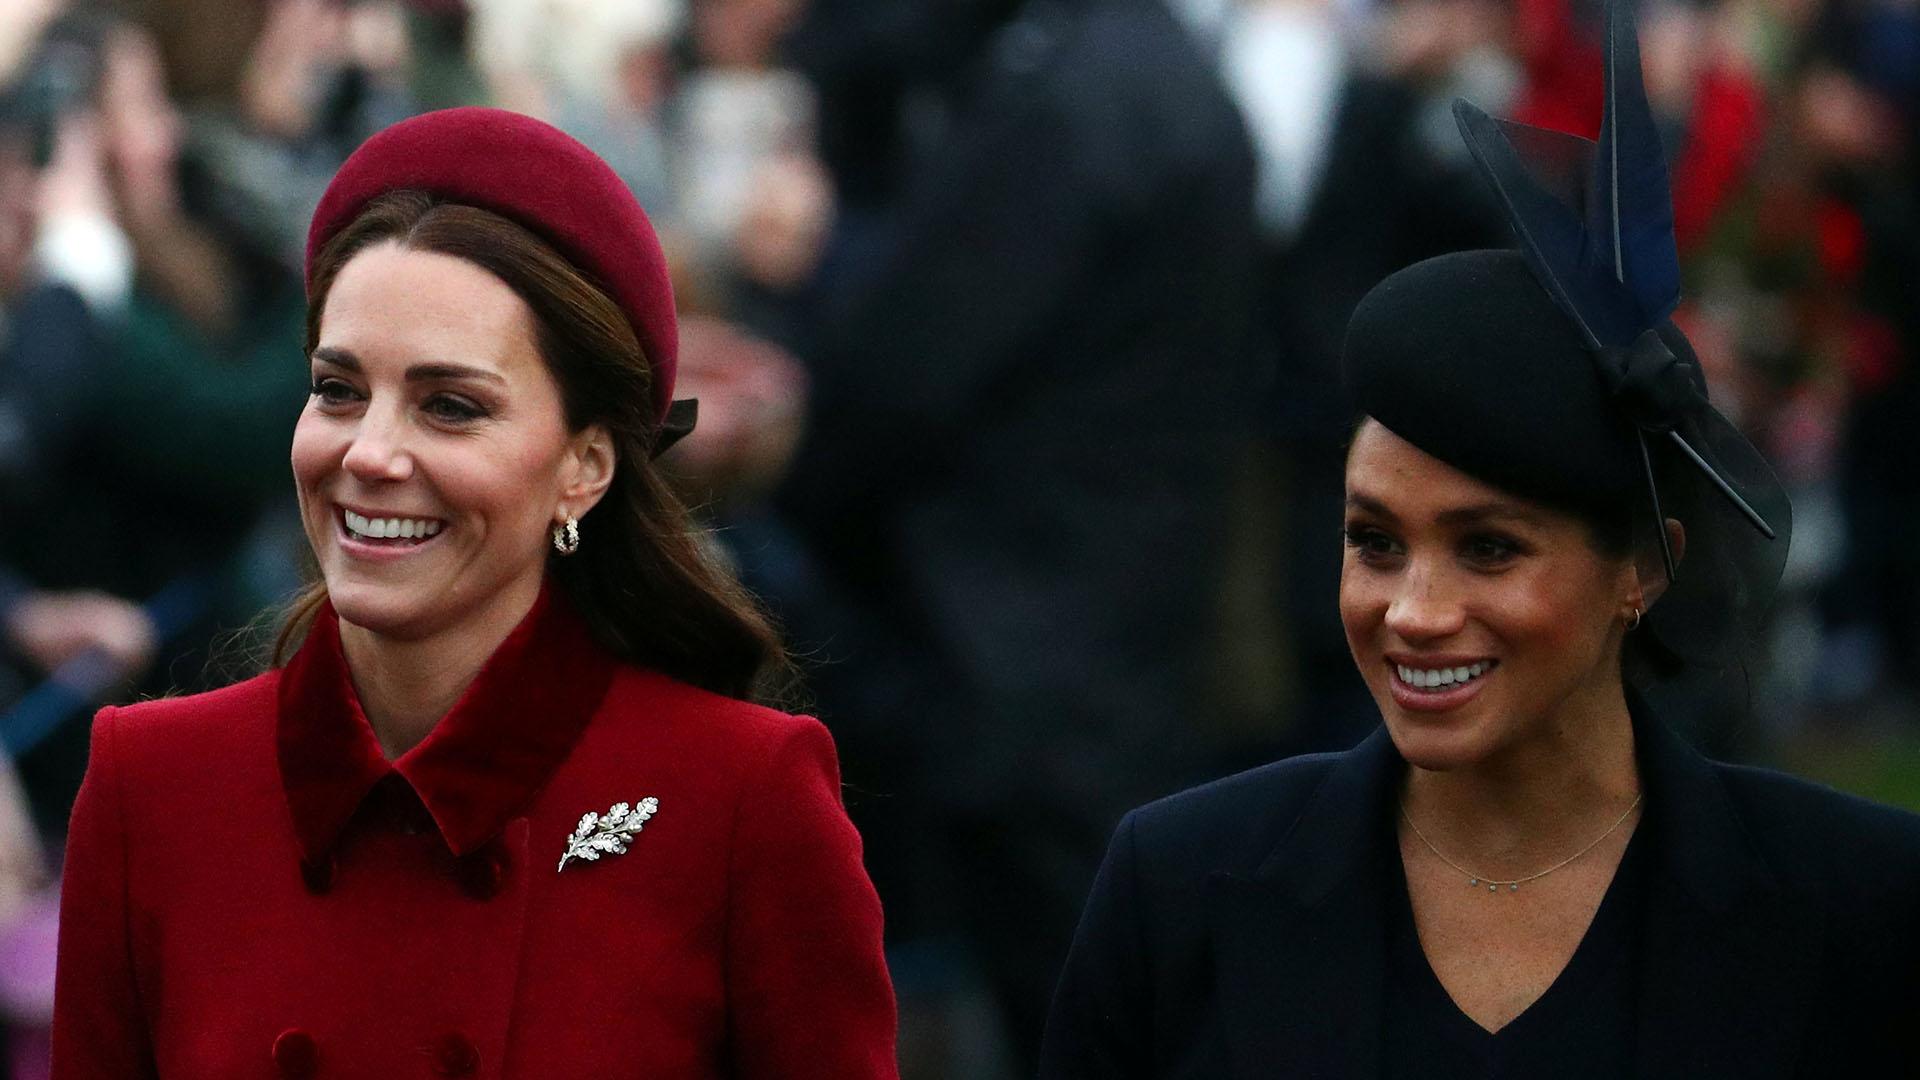 A fines del año pasado, Kate Middleton y Meghan Markle aparecieron sonrientes a pesar de los rumoresque hay sobre la mala relación que tienen(Reuters)